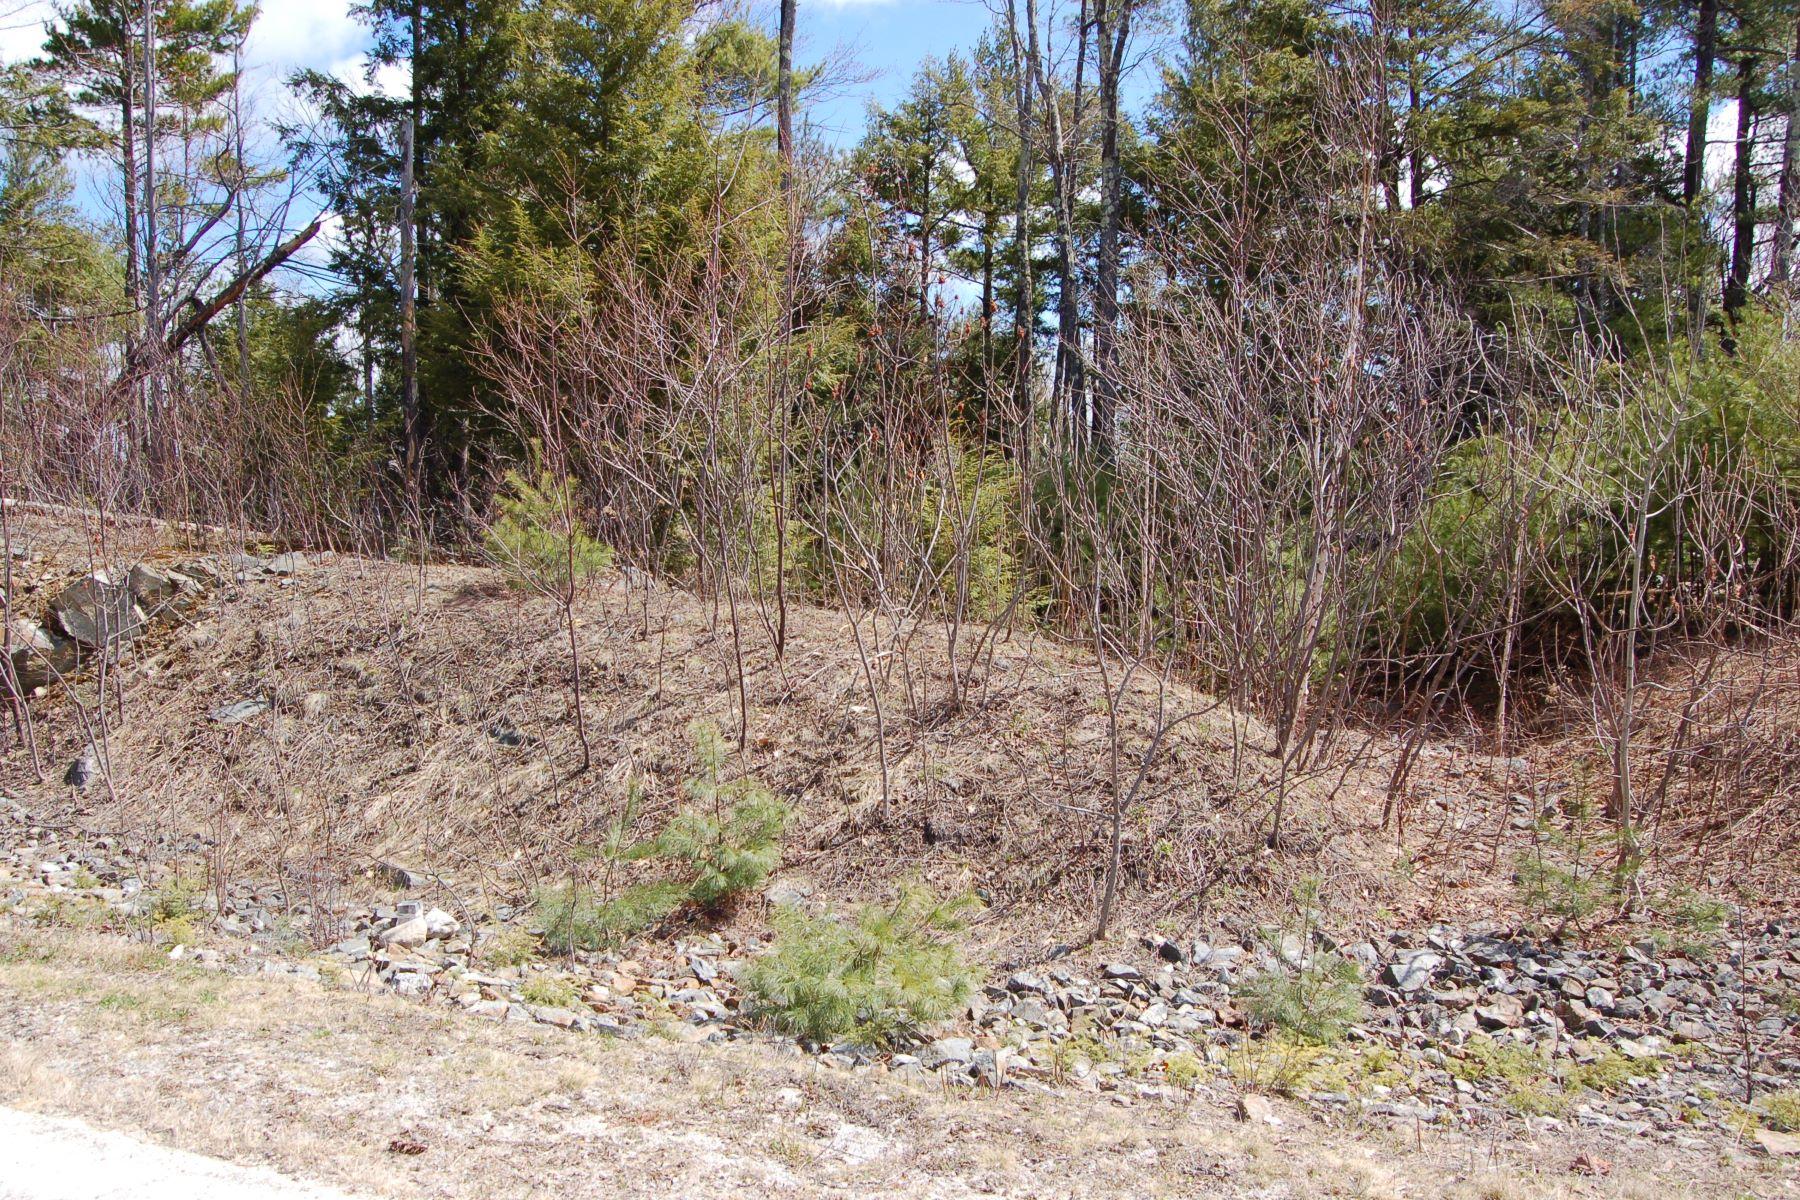 Land for Sale at 105 Chapin Way, Newbury Newbury, New Hampshire, 03255 United States